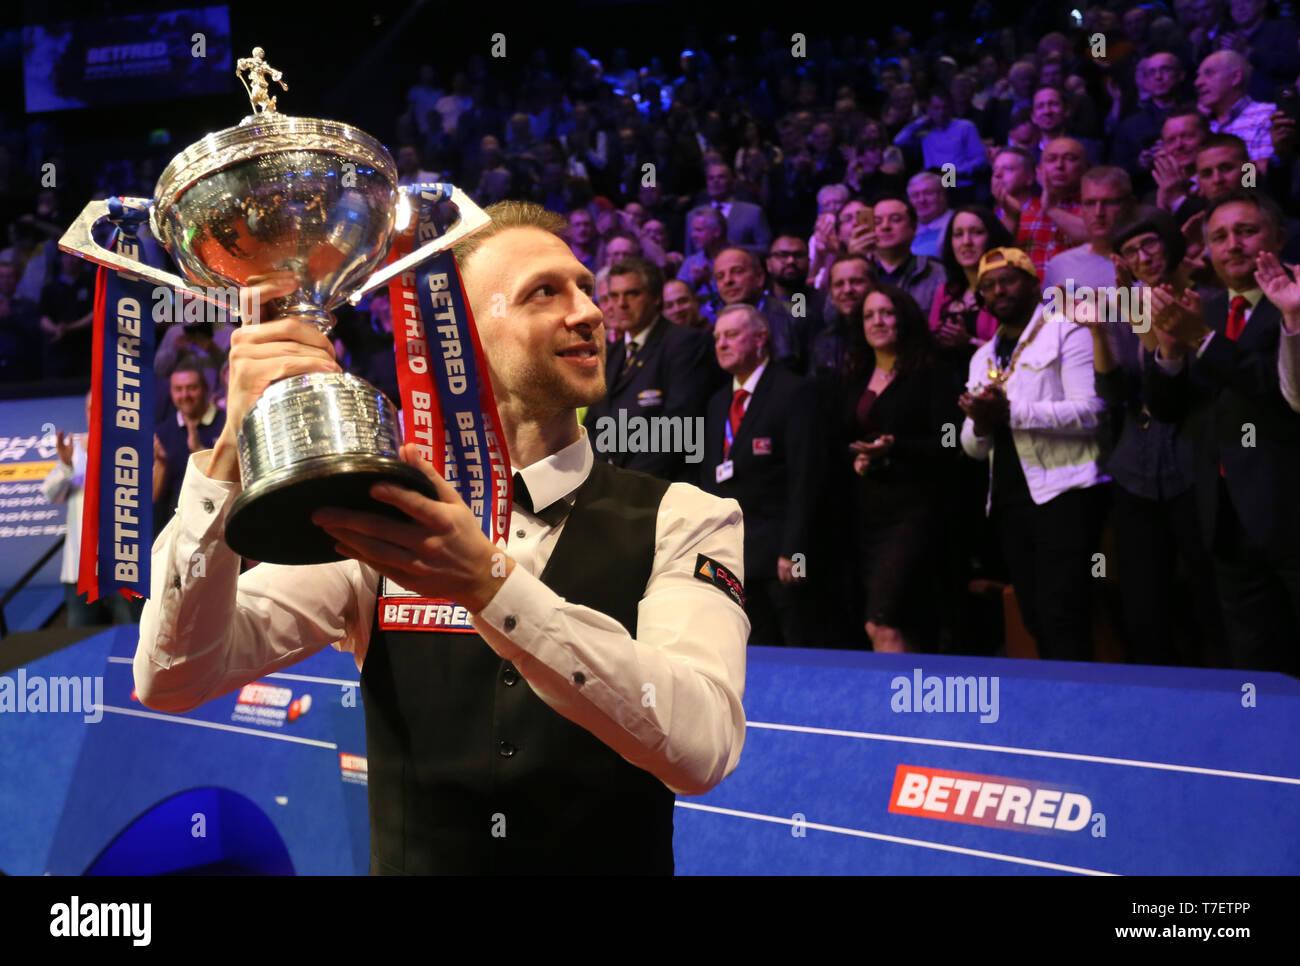 betfred world championship 2019